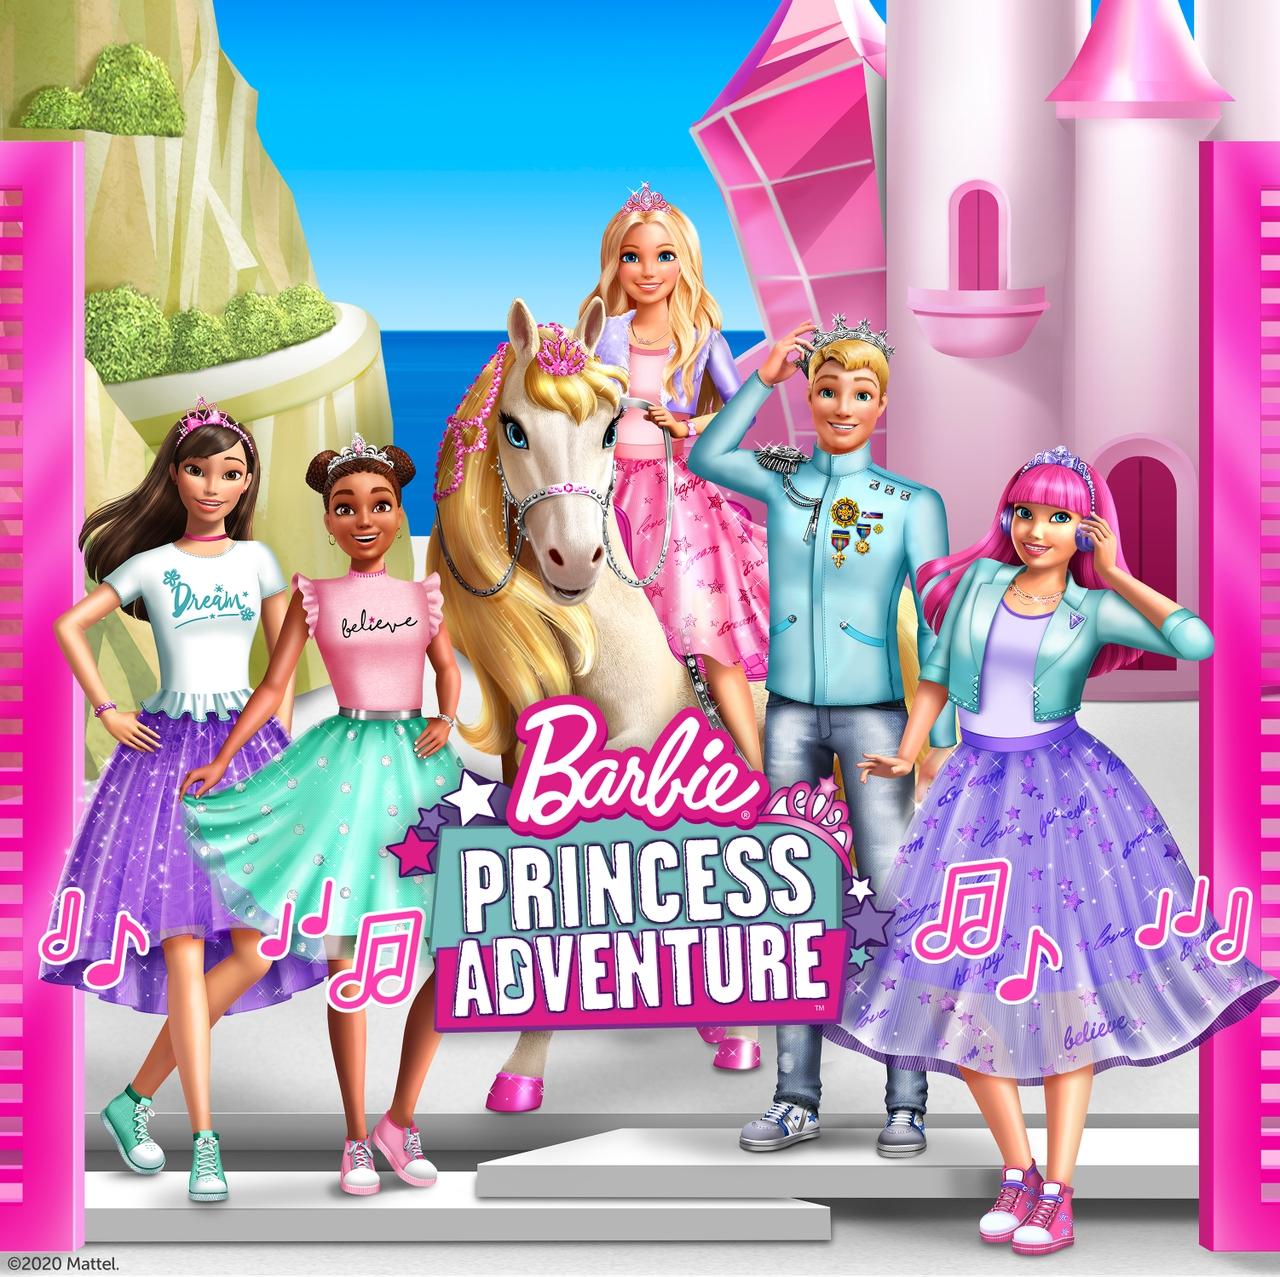 PRIMARY Barbie Princess Adventure Group